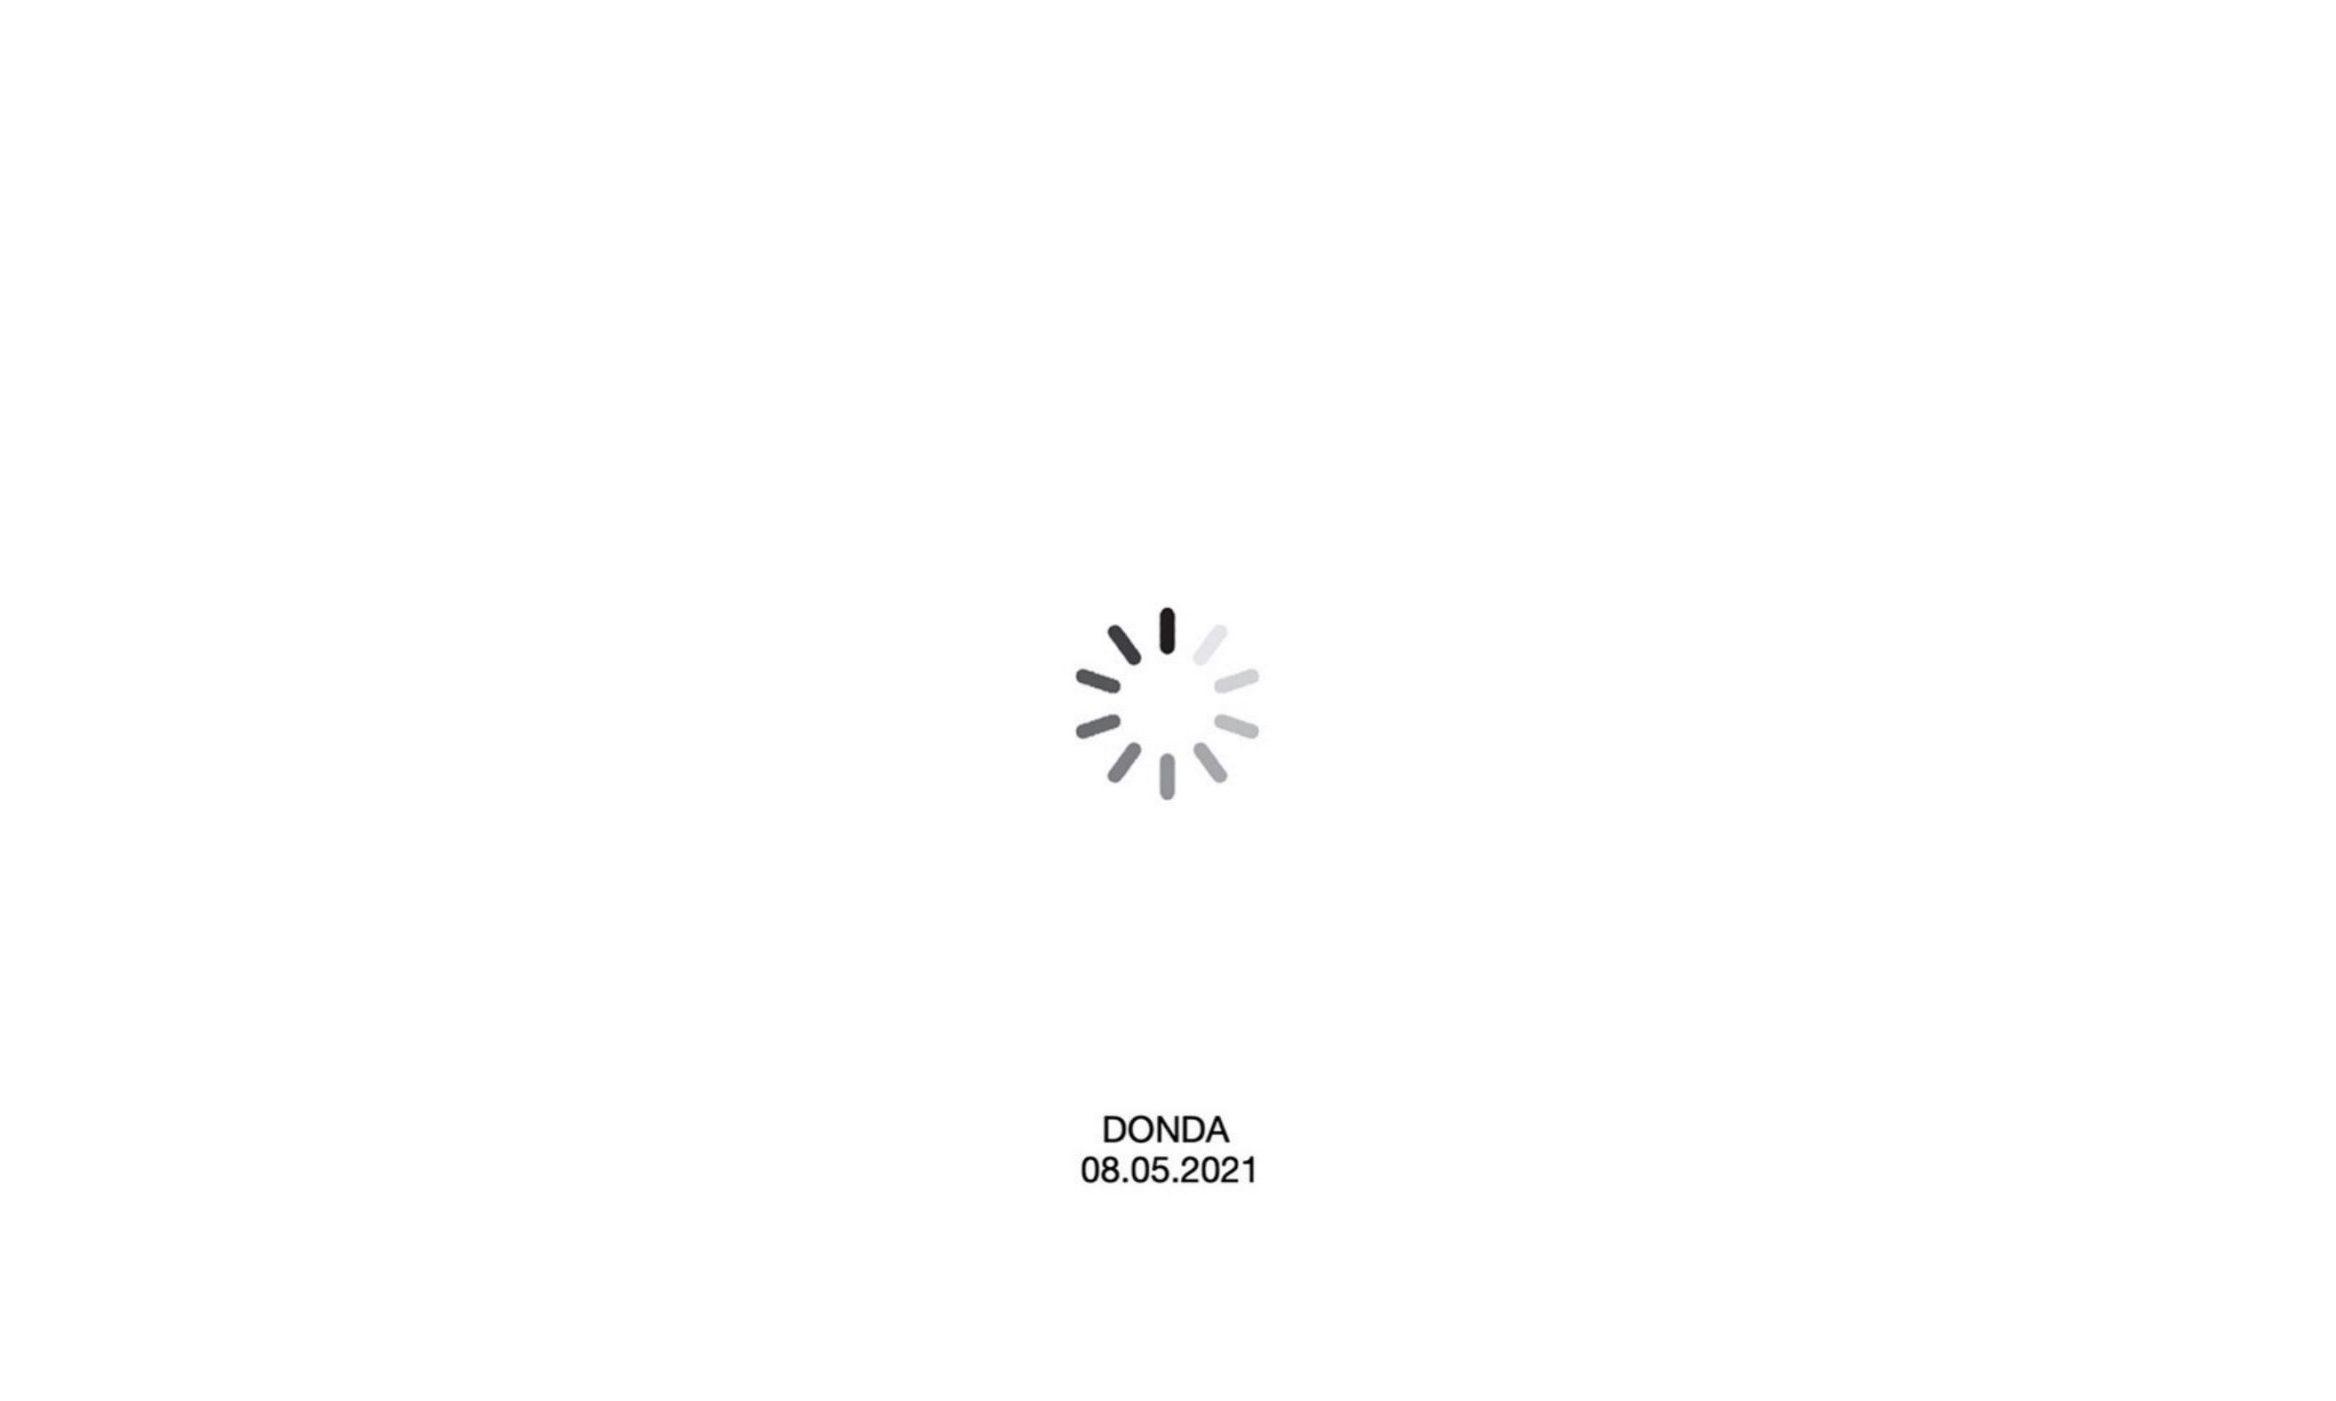 Kanye West 新专辑《DONDA》发行日期敲定